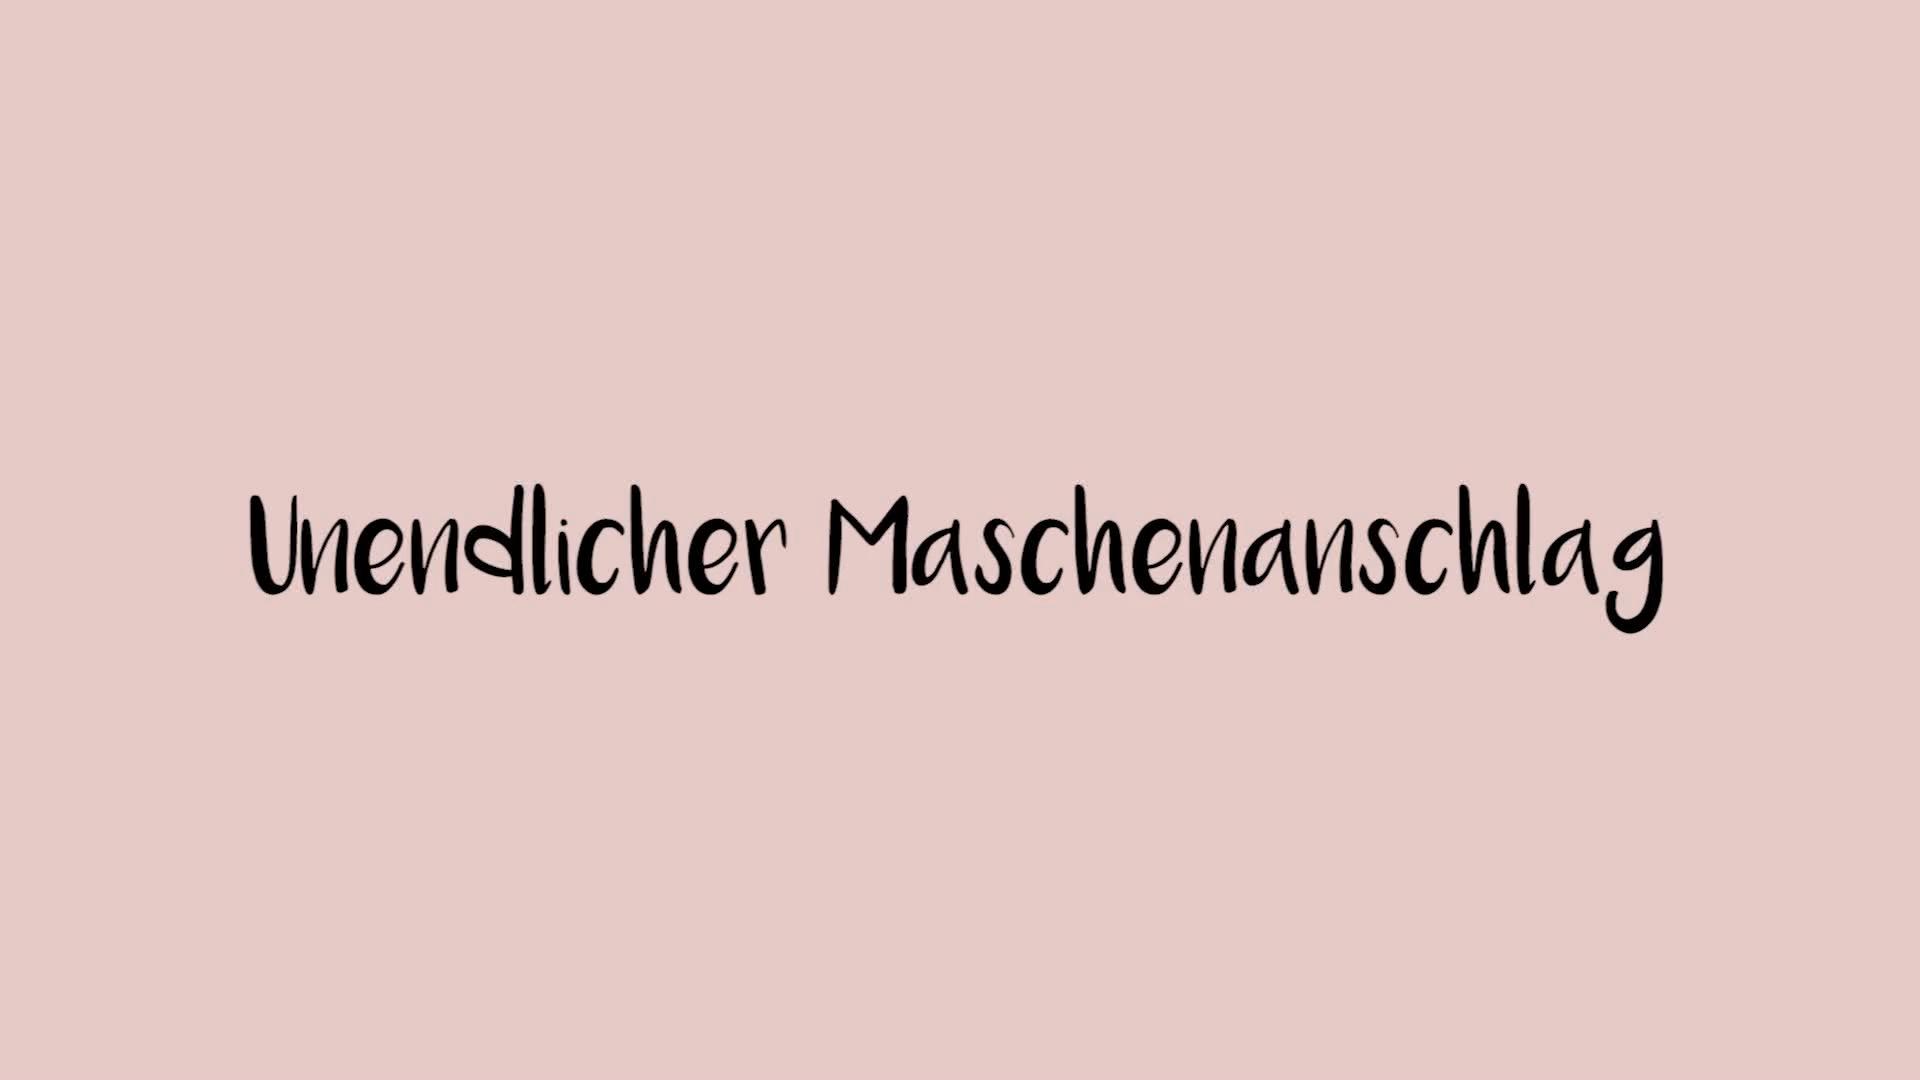 Photo of Unendlicher Stich